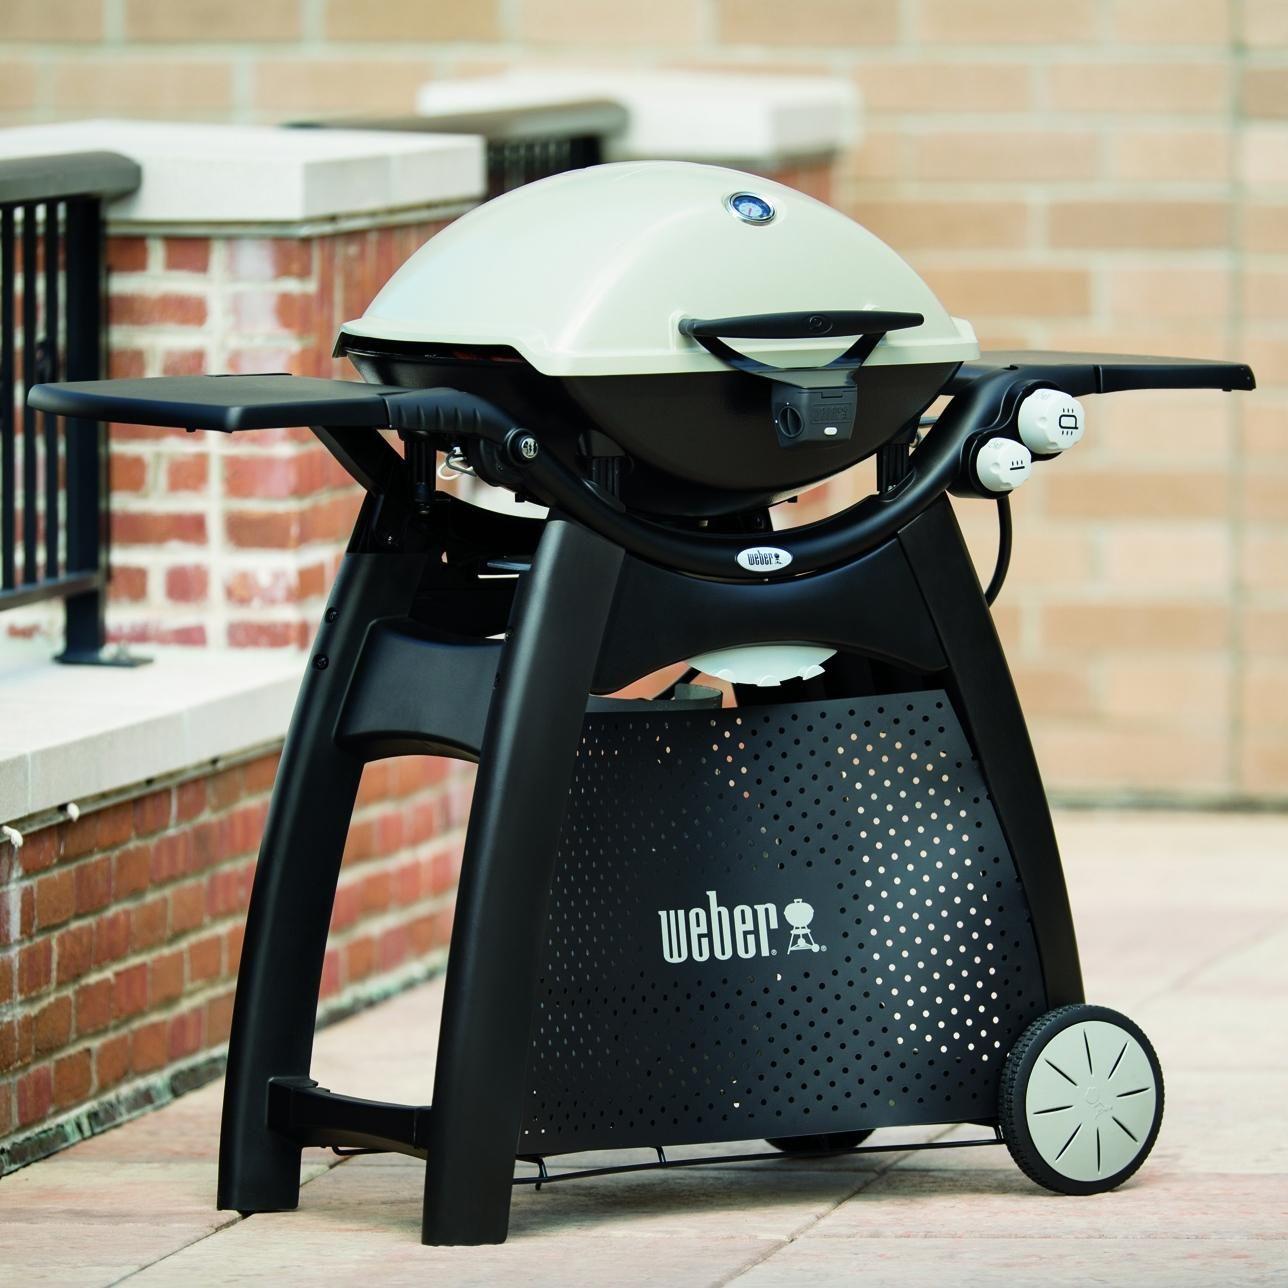 Weber Q 3200 Propane Gas Grill Titanium 57060001 Bbqguys Propane Gas Grill Bbq Guys Gas Grill